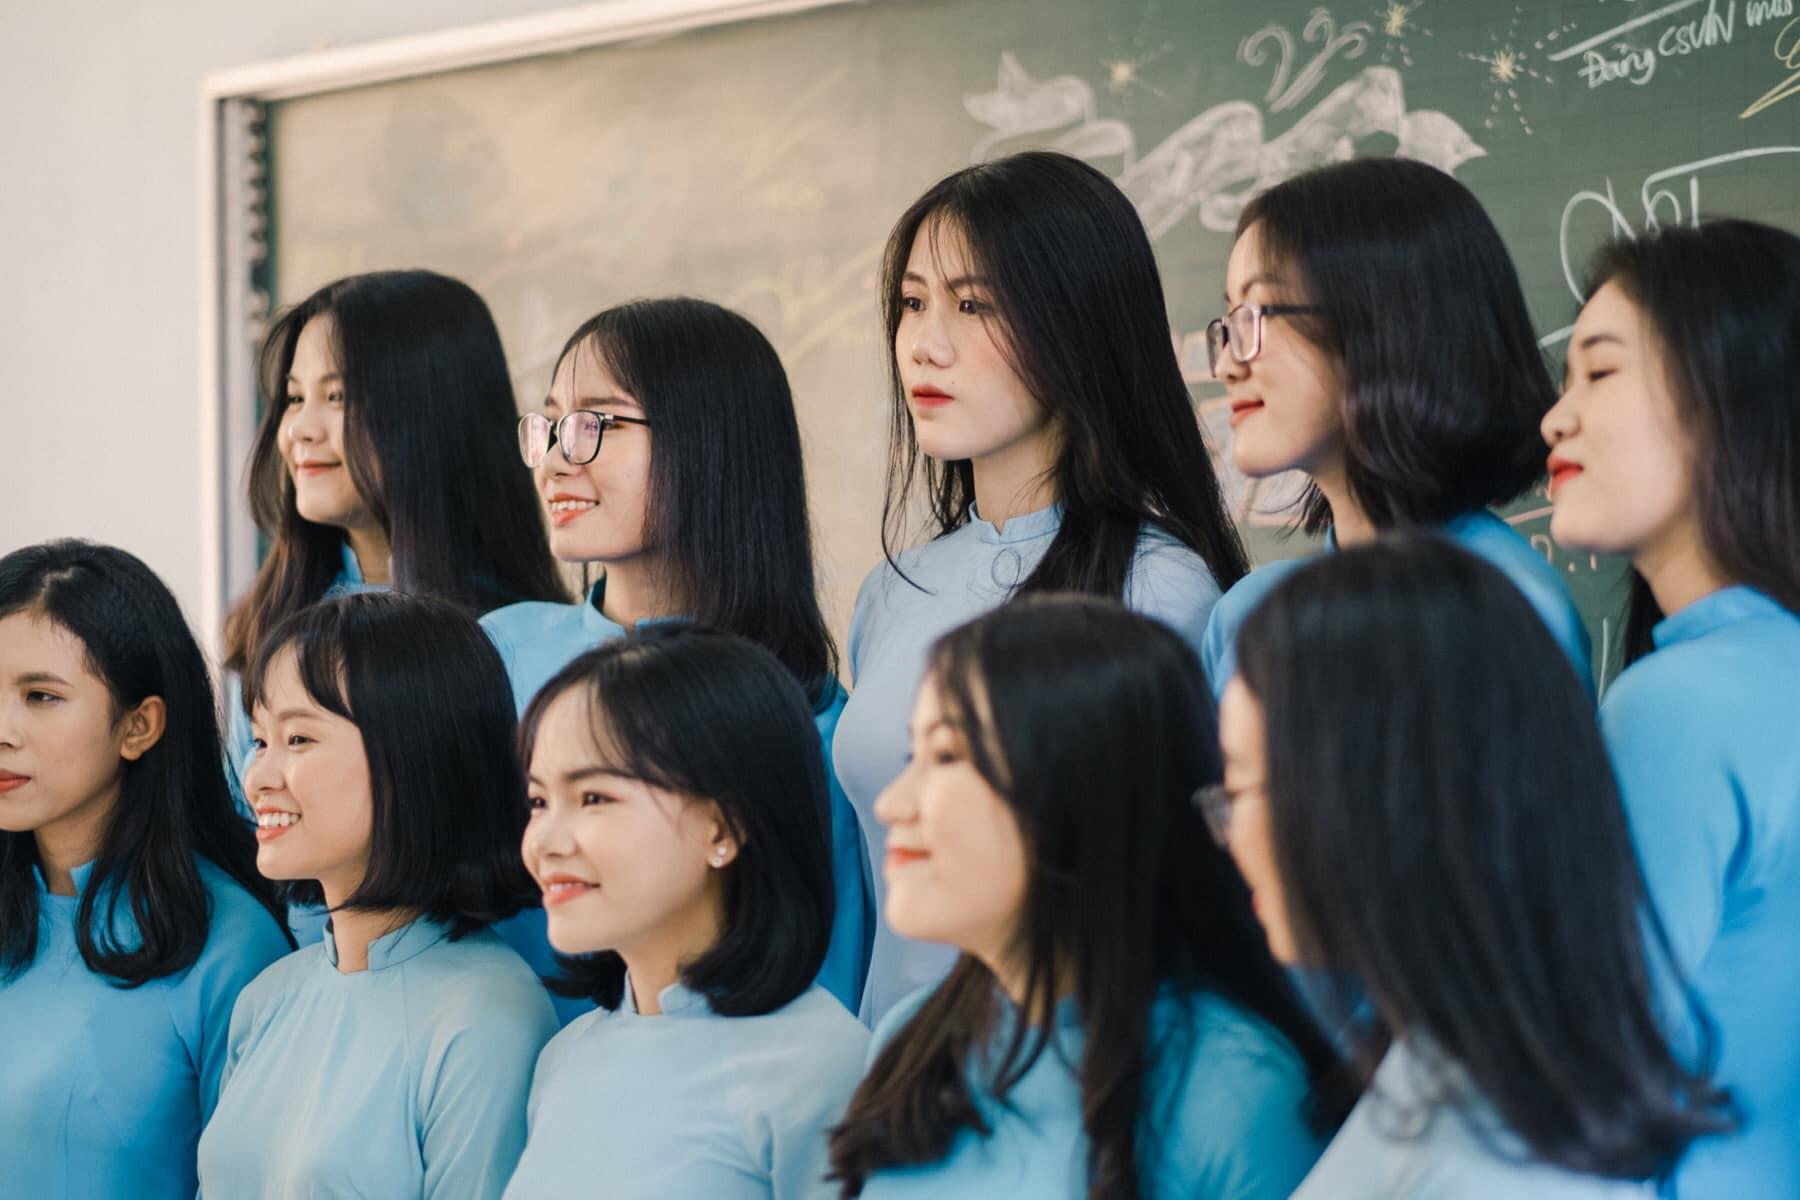 Ảnh 2: Hành trình giảm cân của nữ sinh chuyên Toán - We25.vn